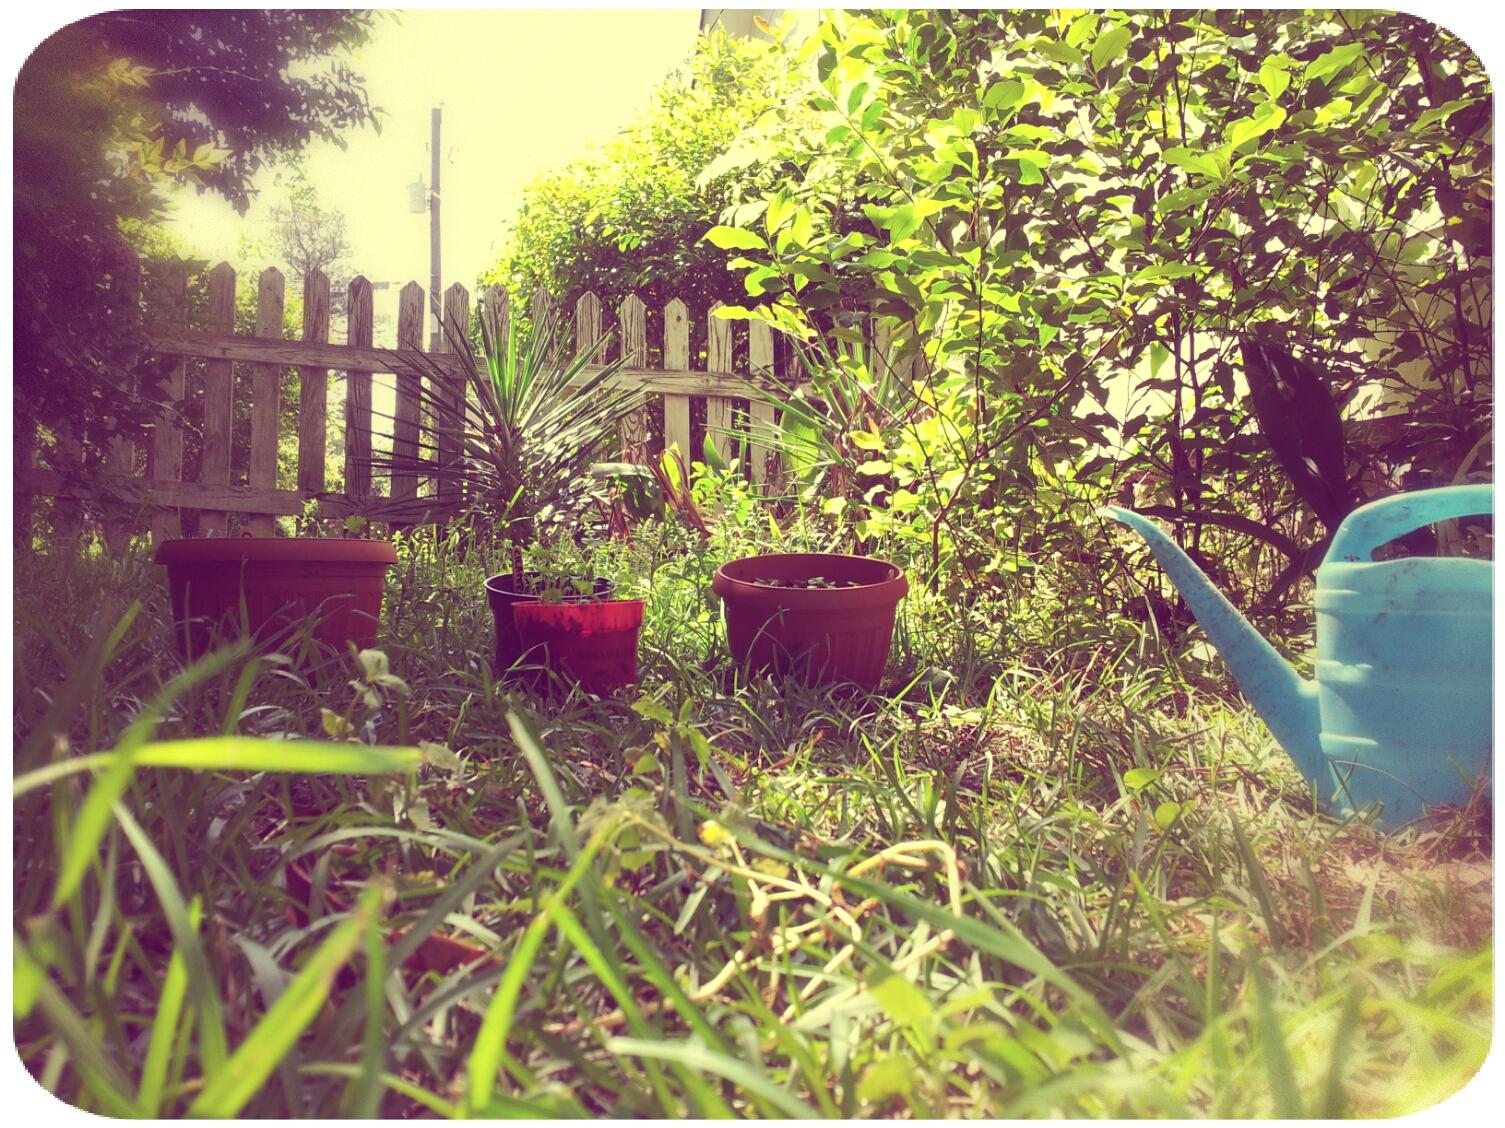 2012-04-08 14.45.00_Melissa_Round.jpg